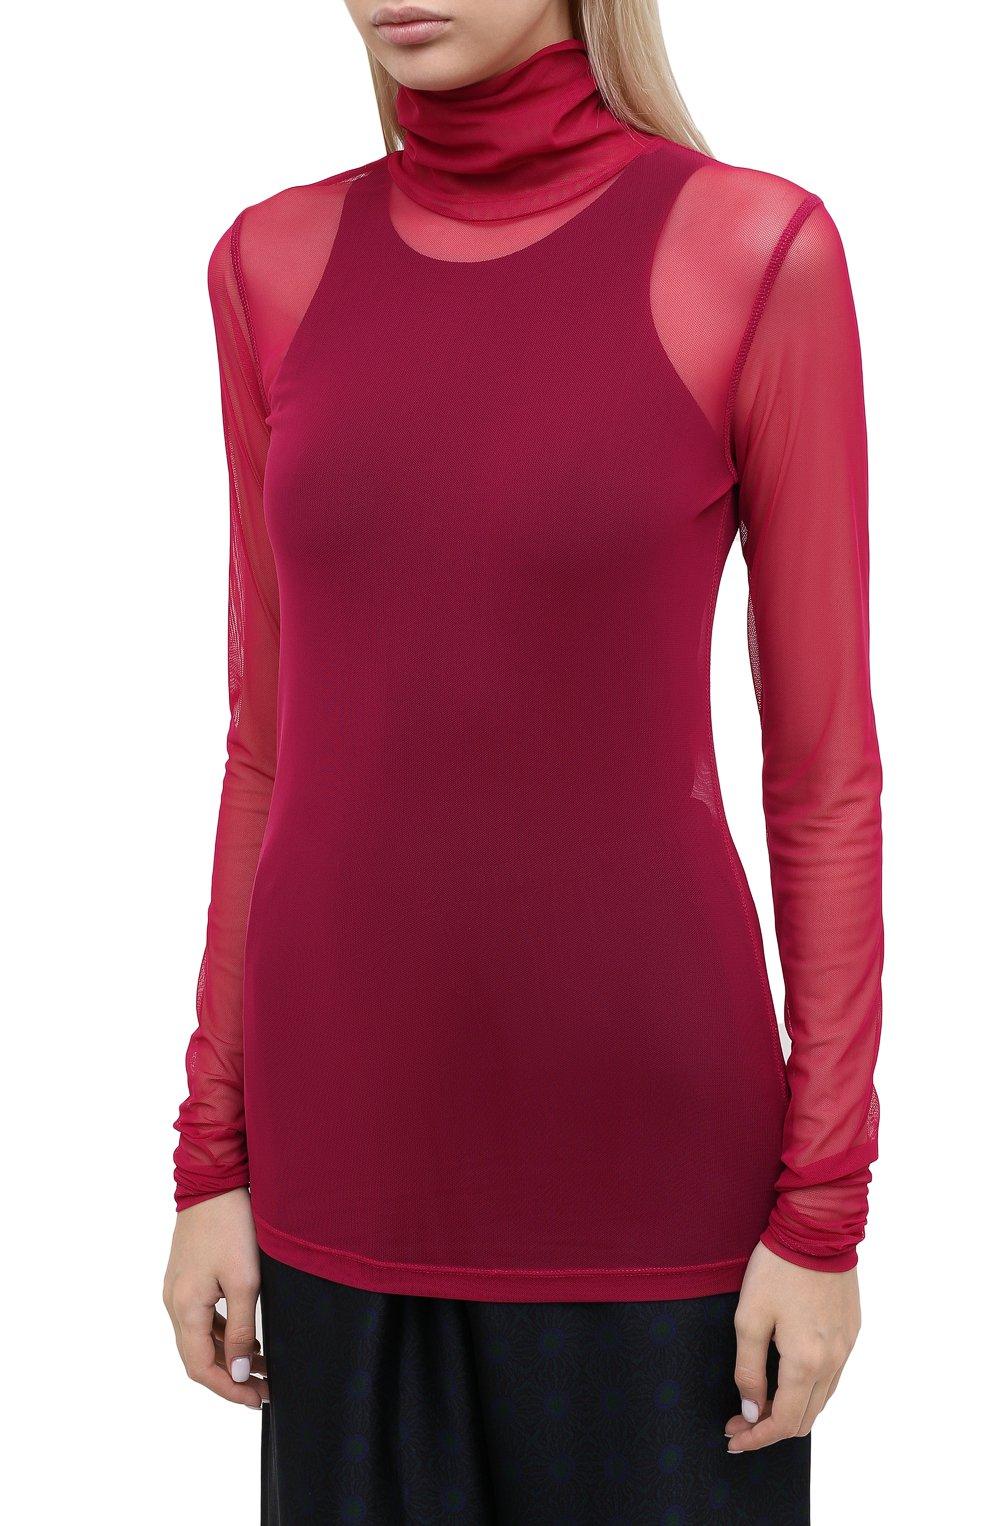 Женская водолазка DRIES VAN NOTEN фуксия цвета, арт. 202-11146-1202 | Фото 3 (Женское Кросс-КТ: Водолазка-одежда; Рукава: Длинные; Материал внешний: Синтетический материал; Длина (для топов): Удлиненные)